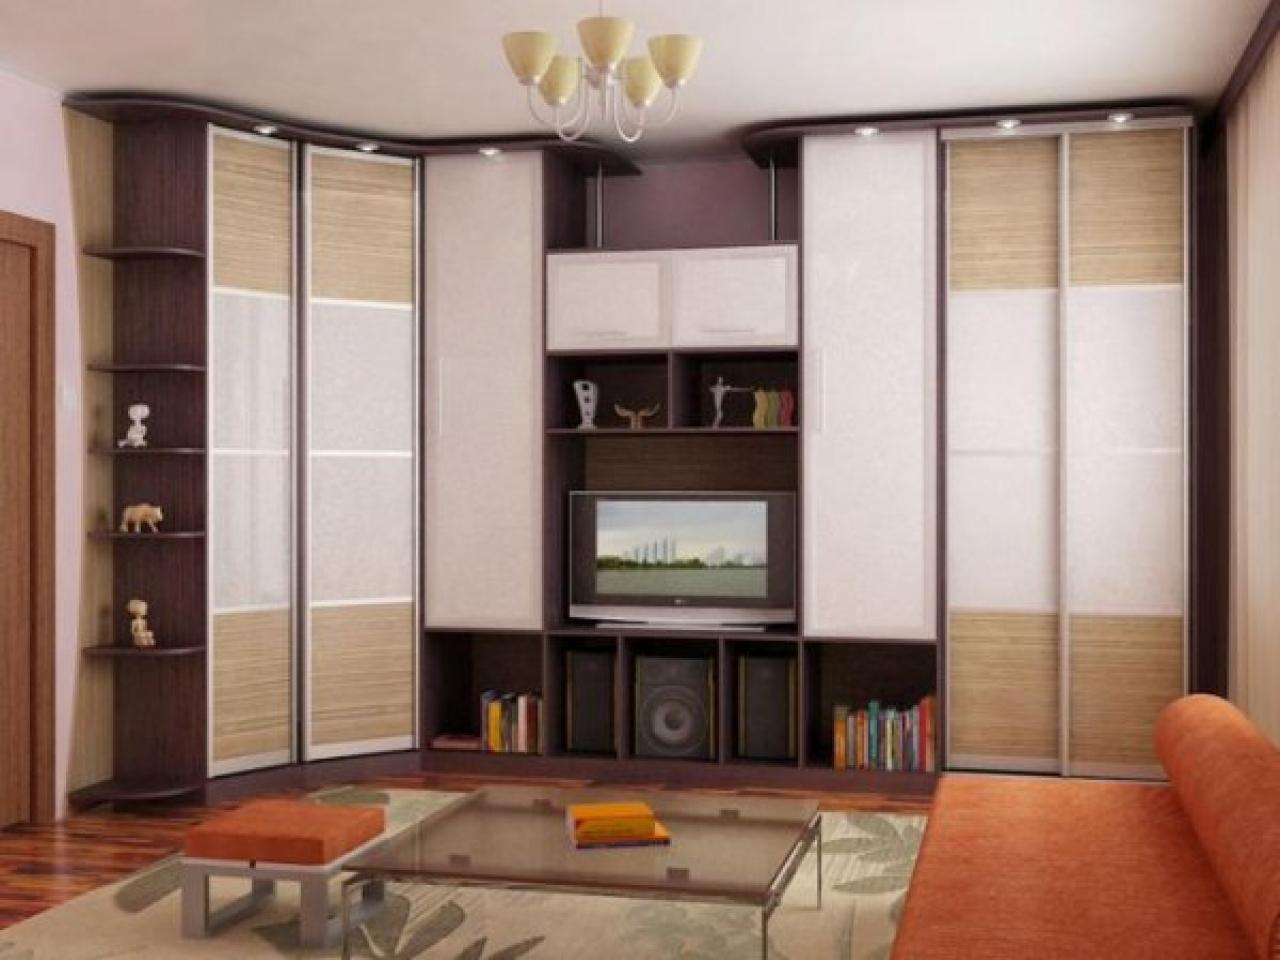 Угловые шкафы: материалы, конструкции, декор, выбор для дома.